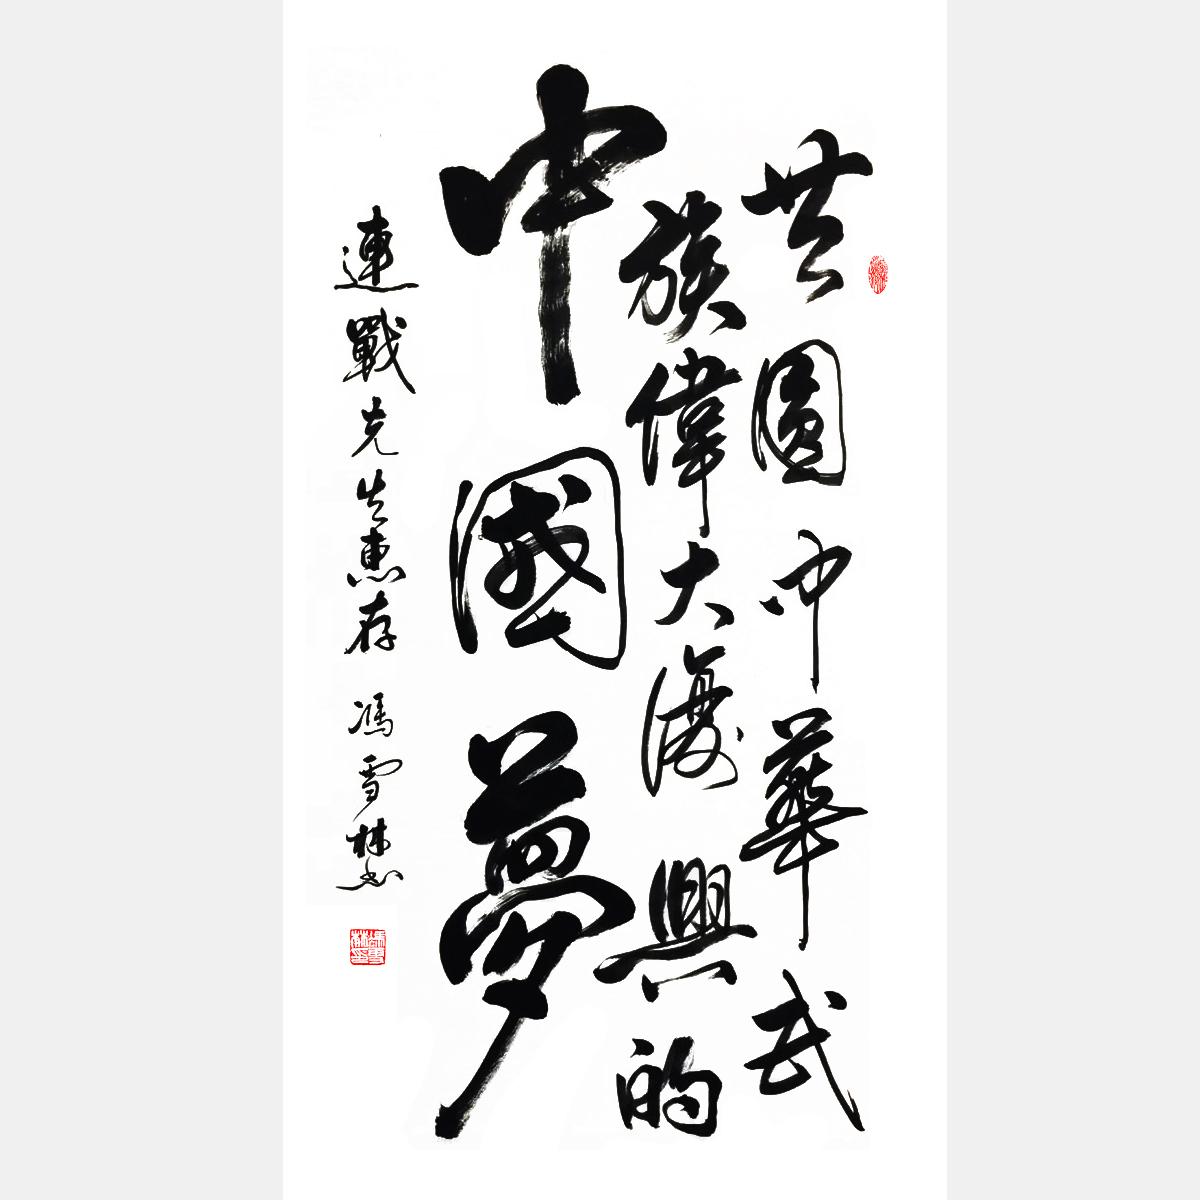 竖幅   字画尺寸:50*100cm   字画内容:共圆中华民族伟大复兴中国梦.